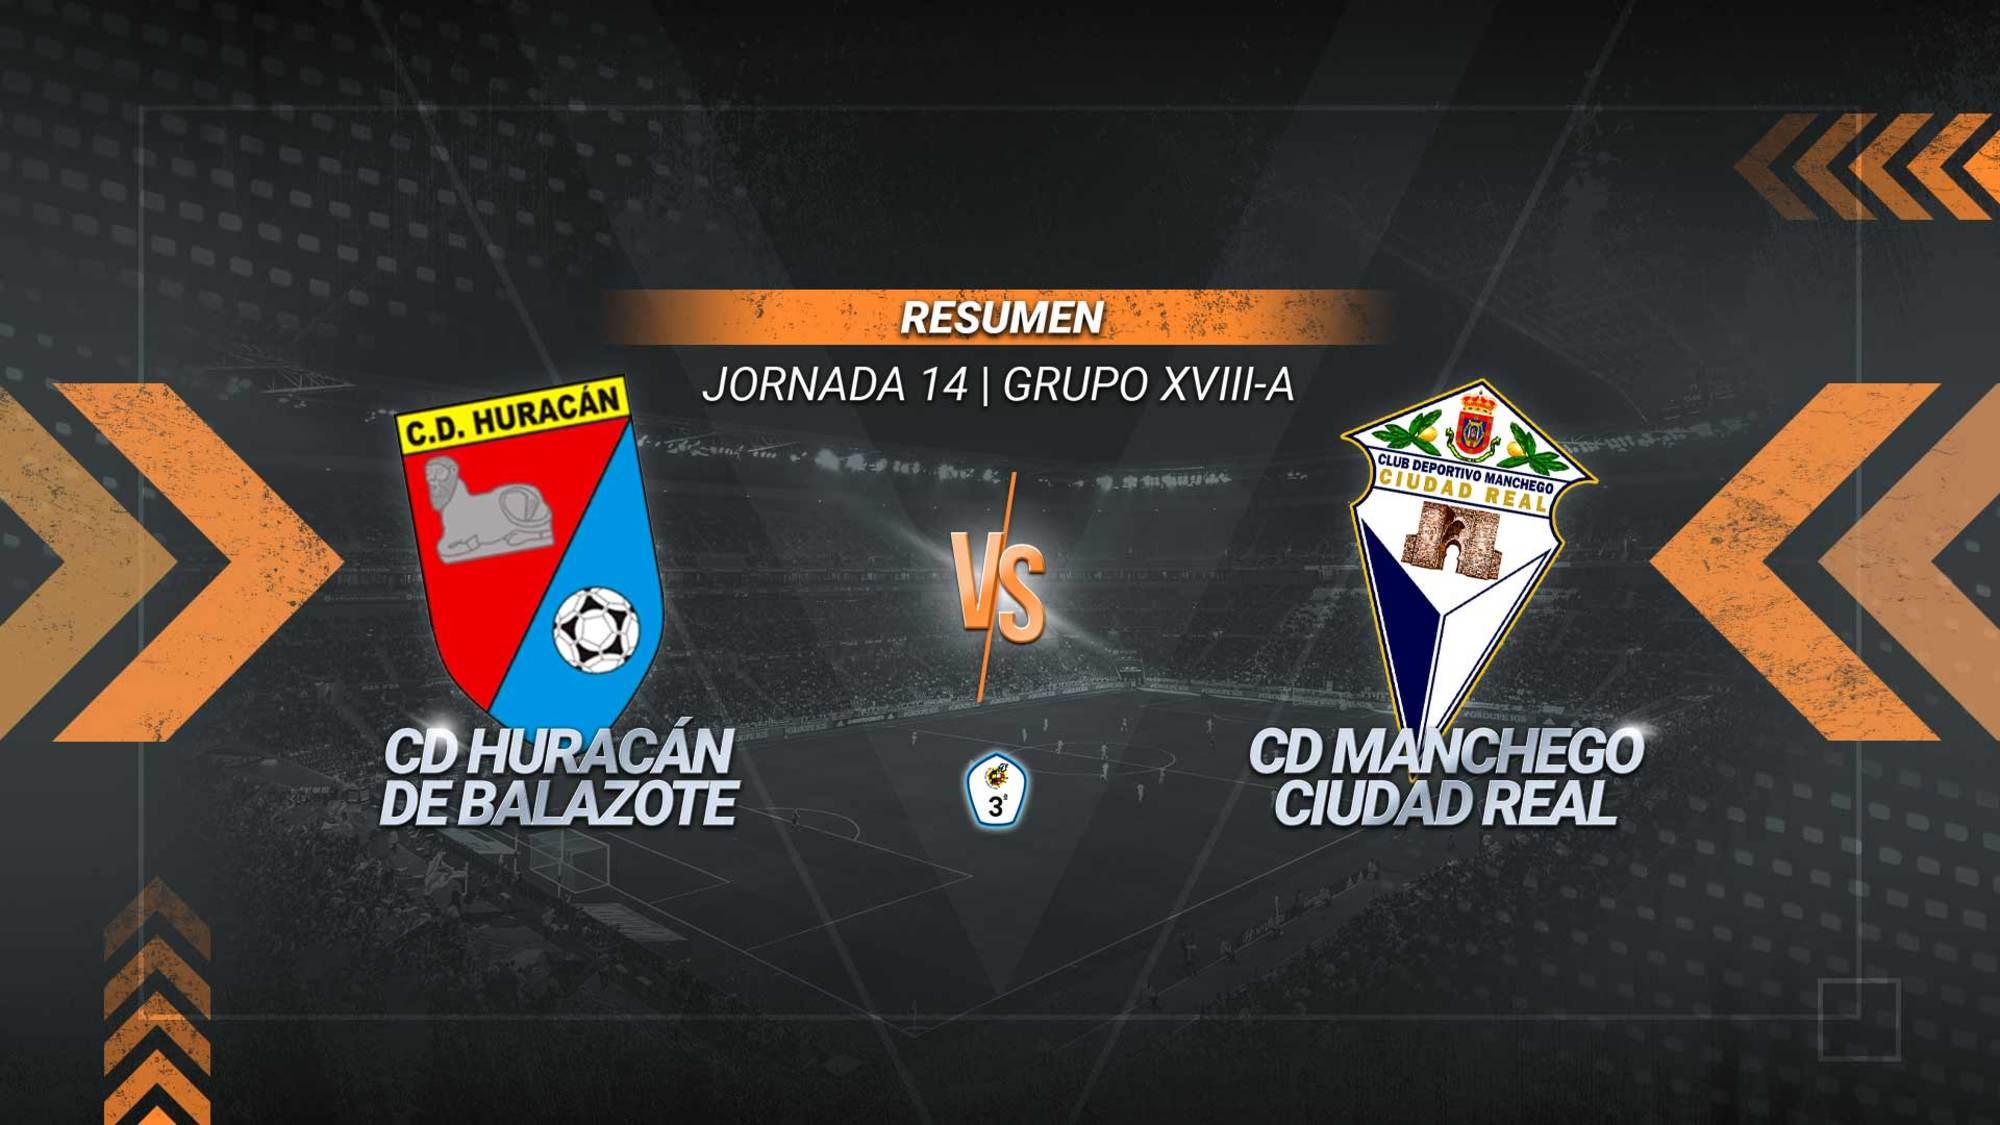 Gustavo y Castro remontan el tanto inicial del Huracán y aúpan al Manchego al liderato del grupo. Los de Balazote se quedan sextos con 15 puntos.